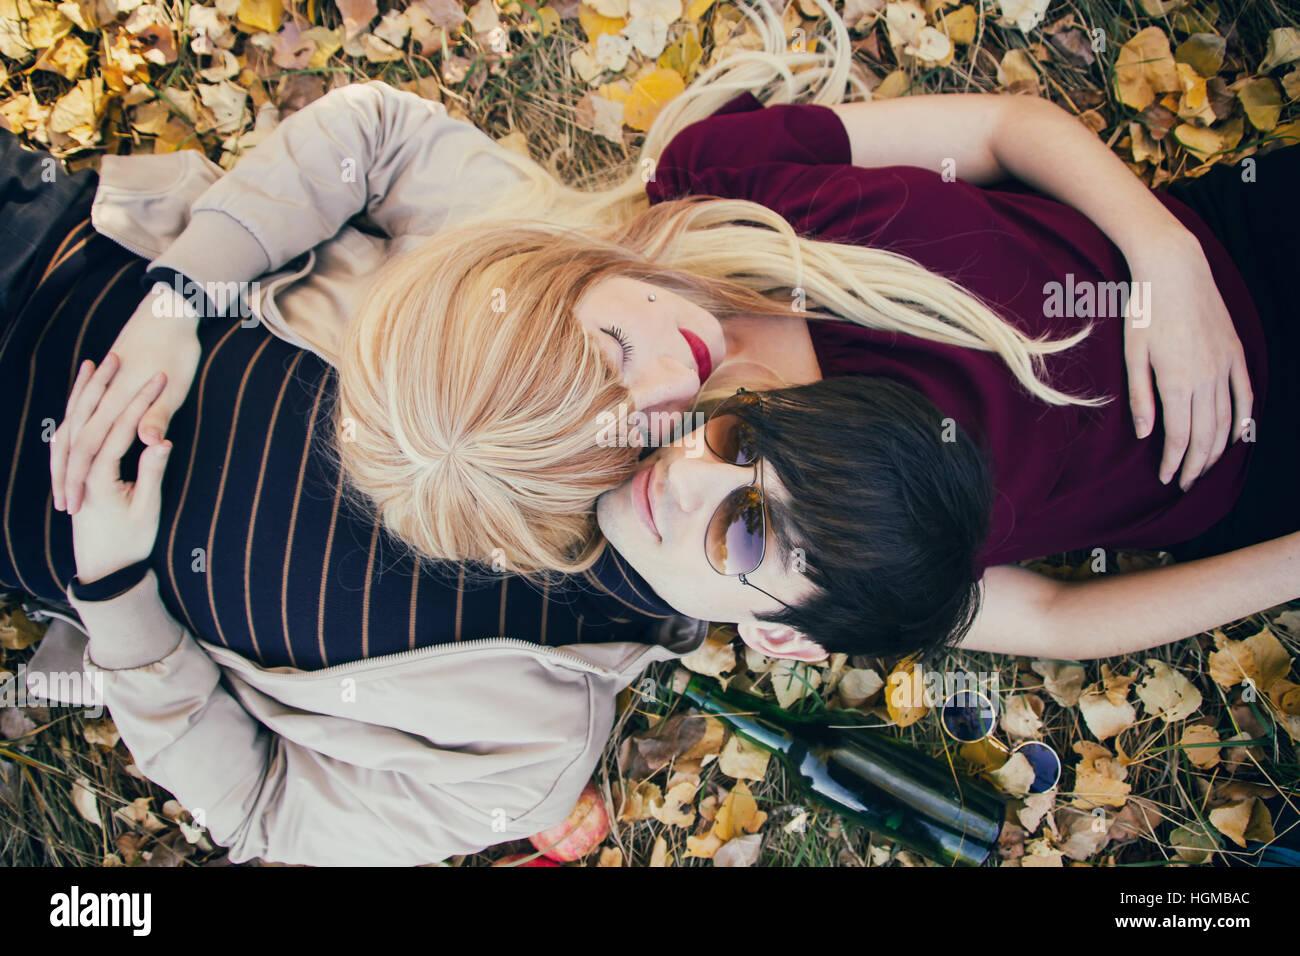 Jeune couple gisant sur le sol dans un parc en automne Photo Stock